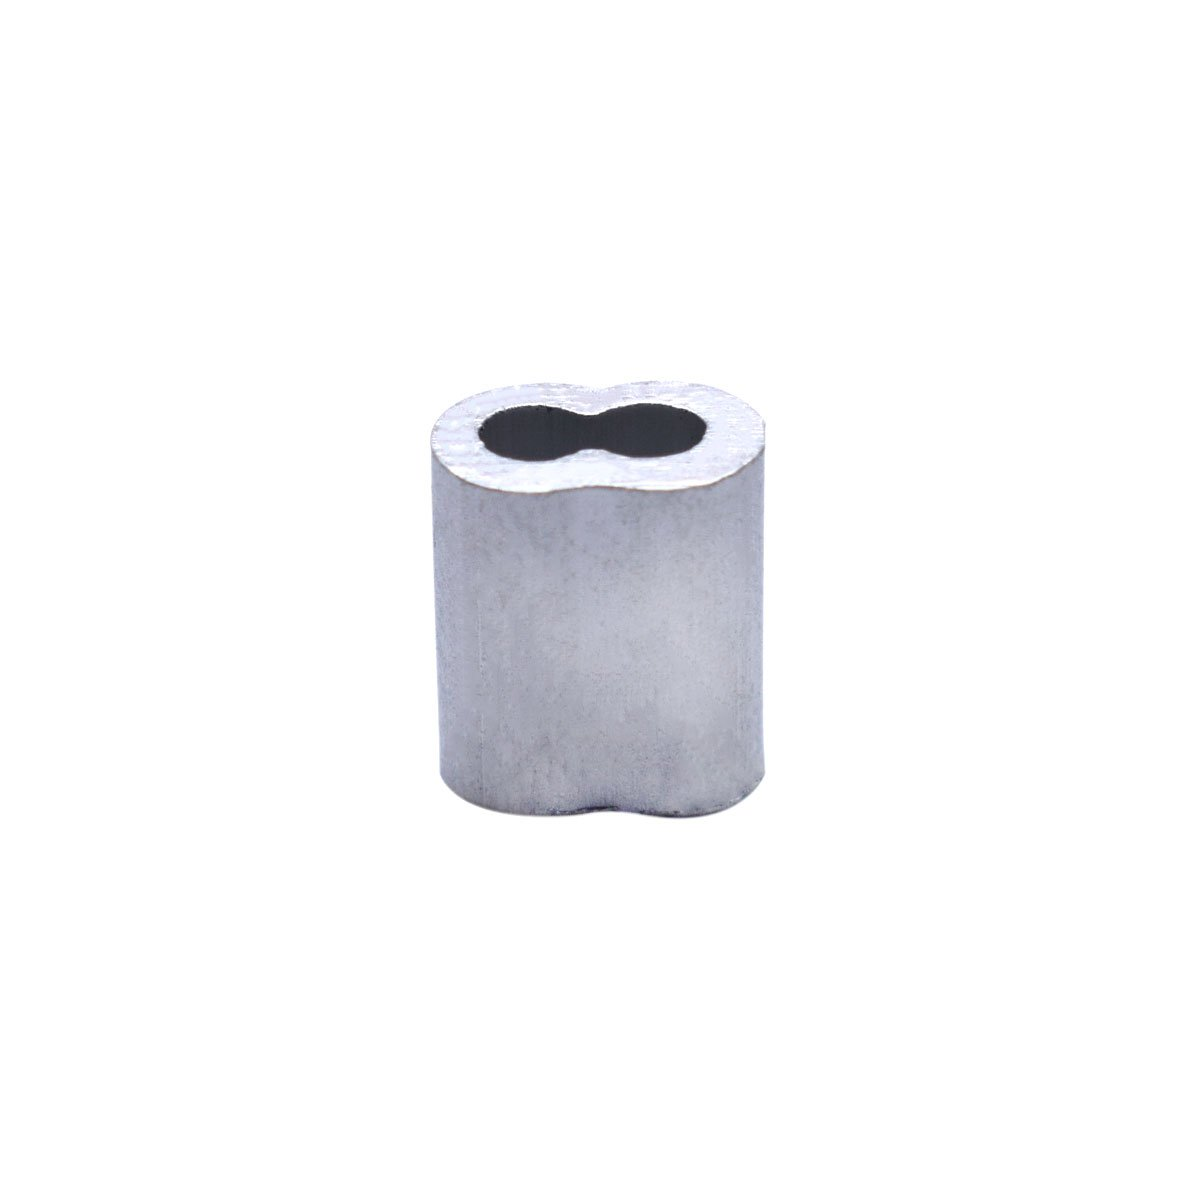 Ghiera doppia in alluminio per manica crimpatrice per cavi da 2 mm. Confezione da 100 pezzi KEEJEA 2-2.0